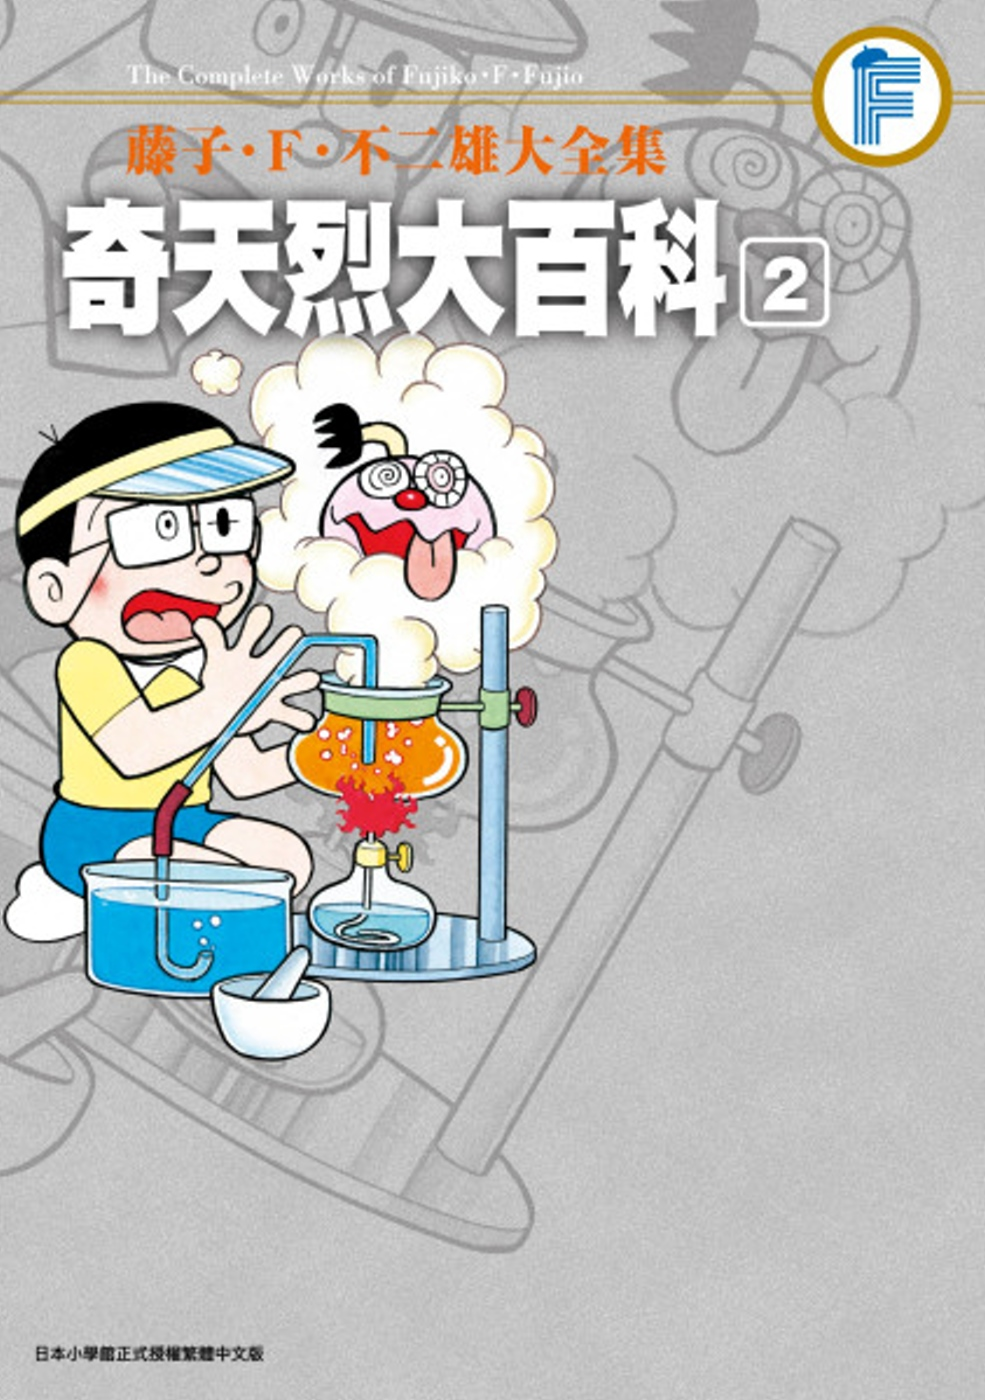 藤子‧F‧不二雄大全集 奇天烈大百科(02)完